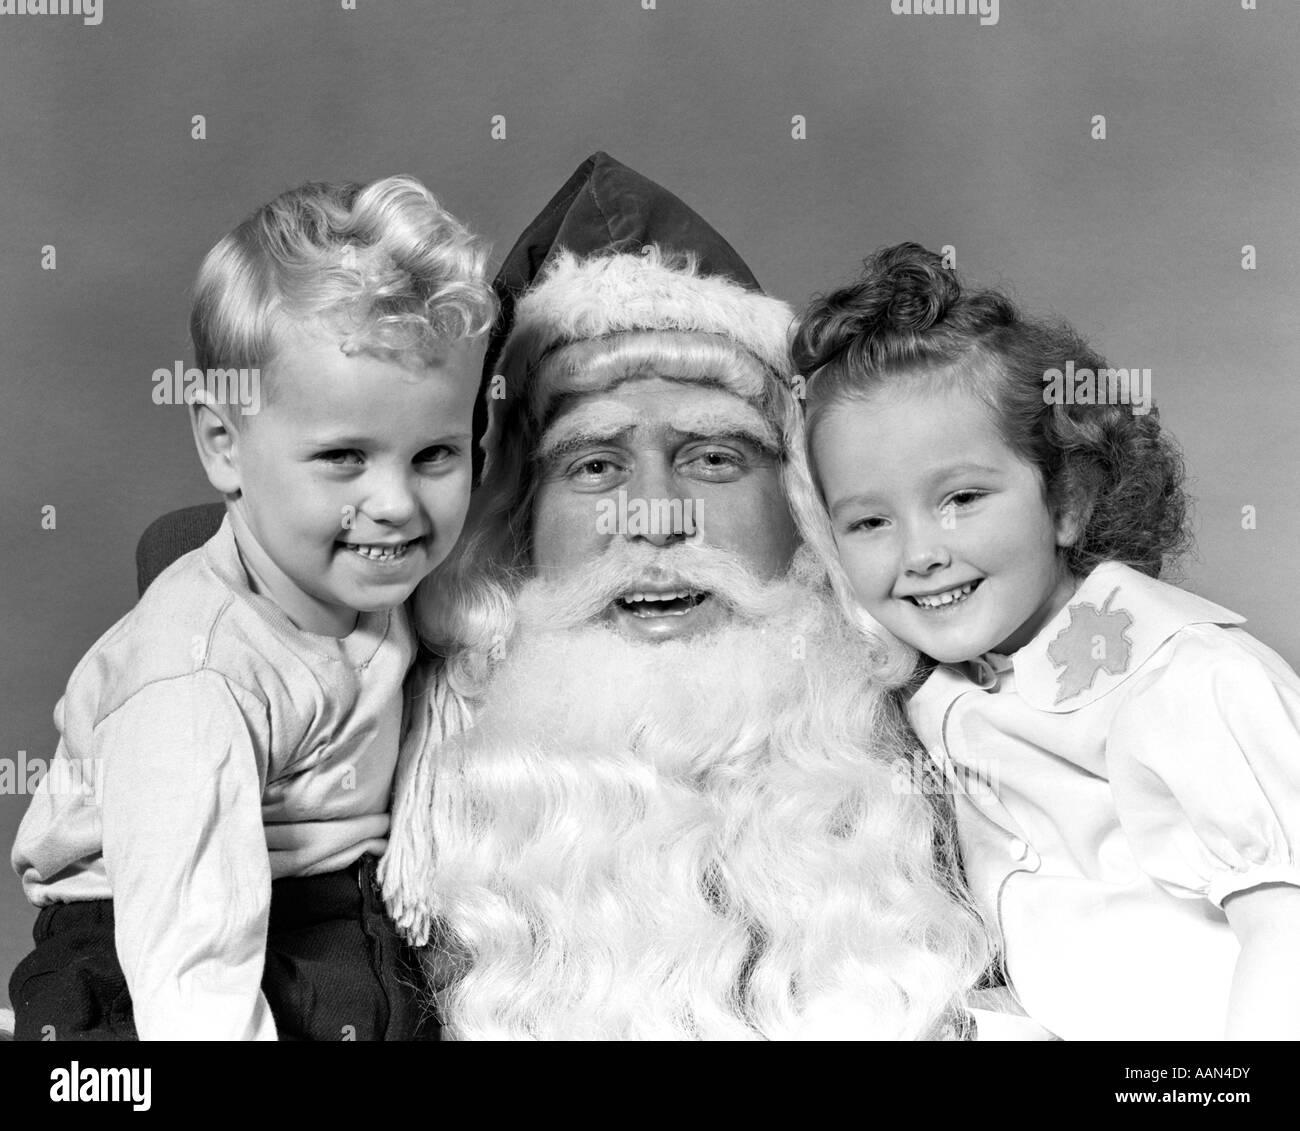 1940 PÈRE NOËL homme posant avec un jeune garçon et d'une jeune fille à genoux SMILING TOUS Photo Stock